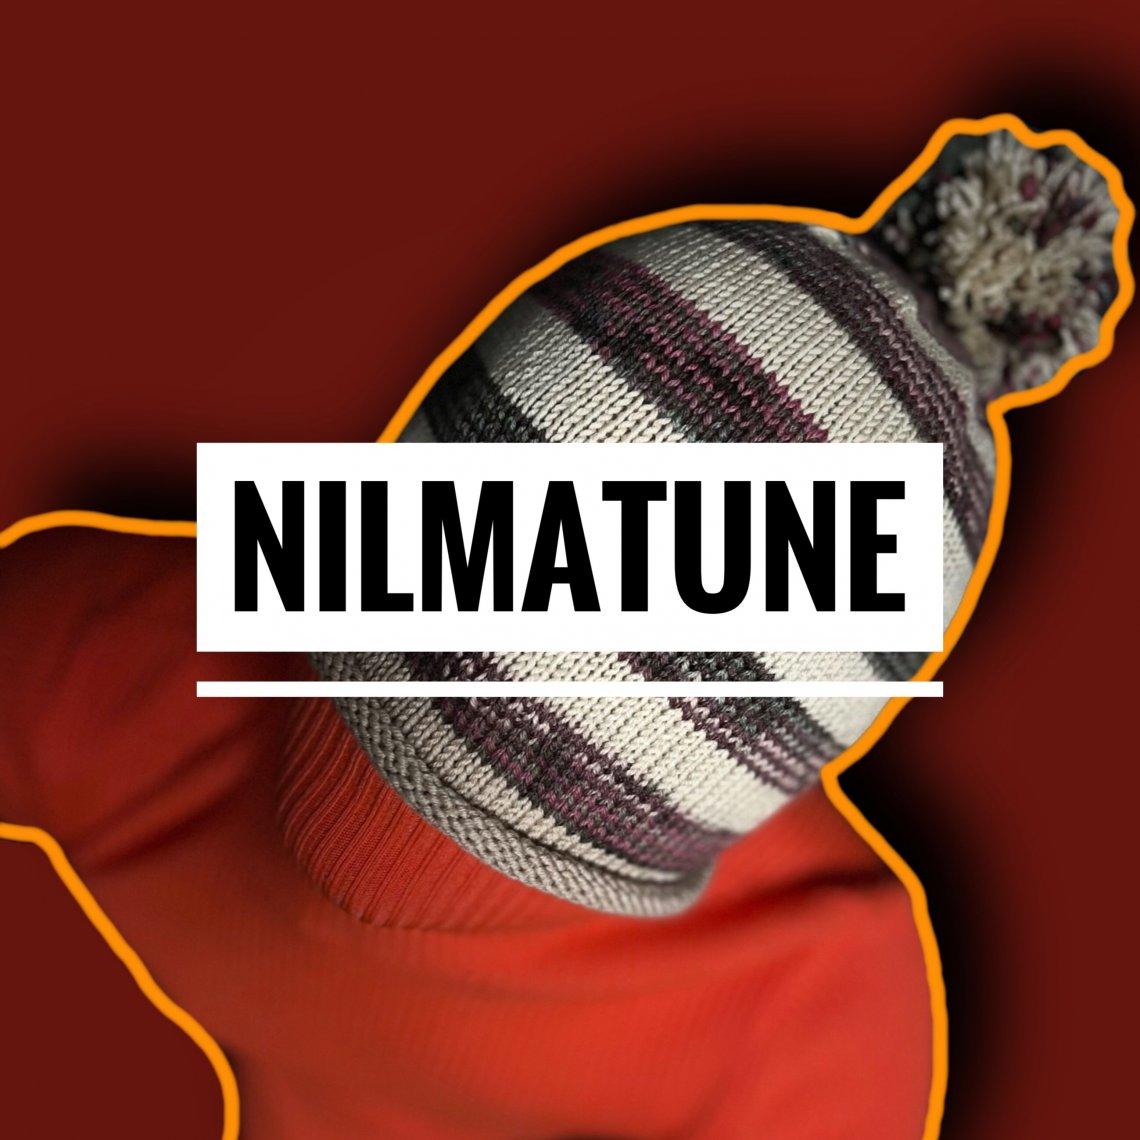 33 - NILMATune